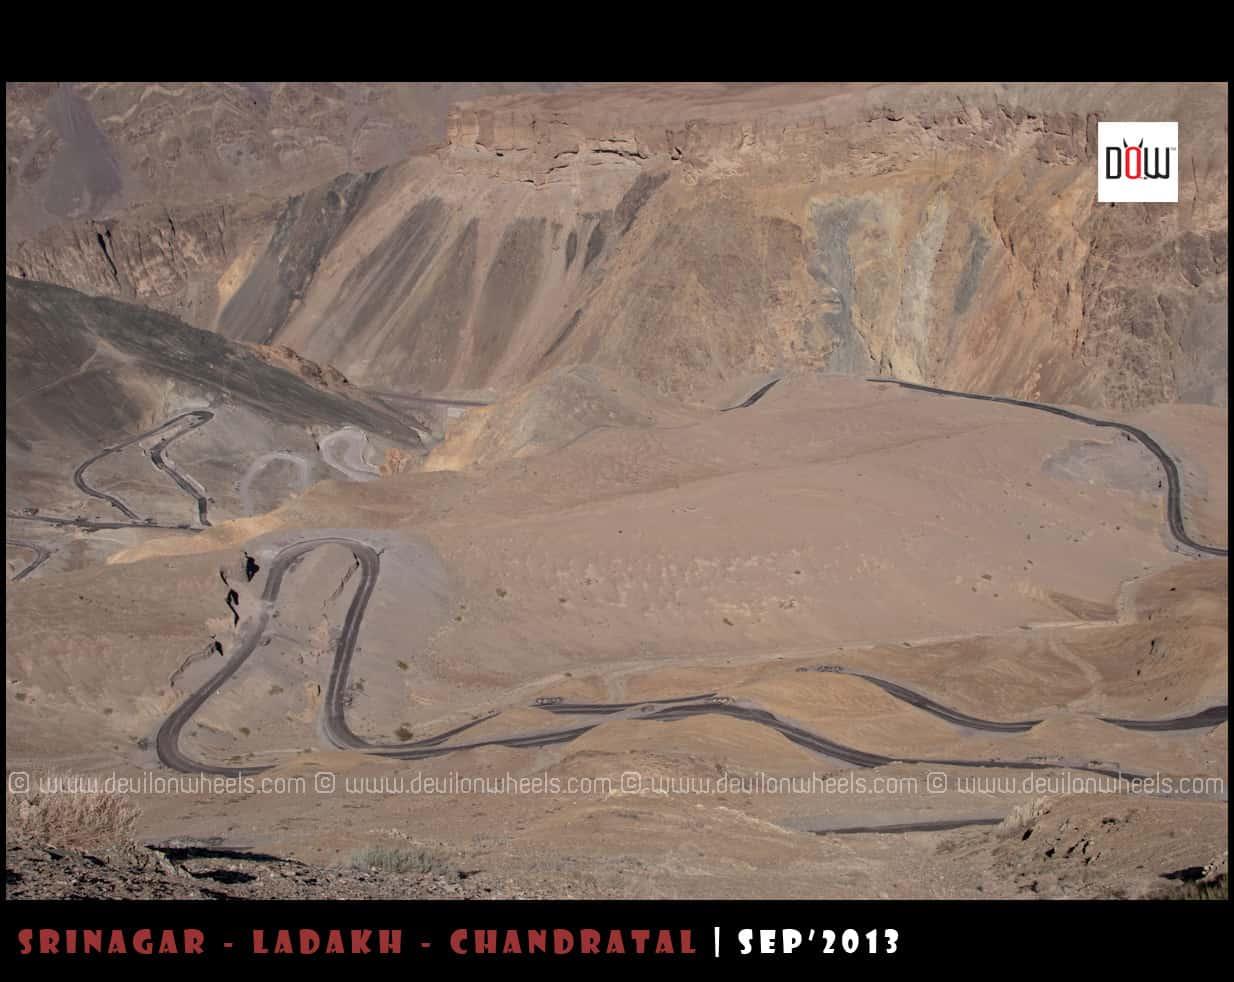 Hangroo Loops at Srinagar - Leh Highway